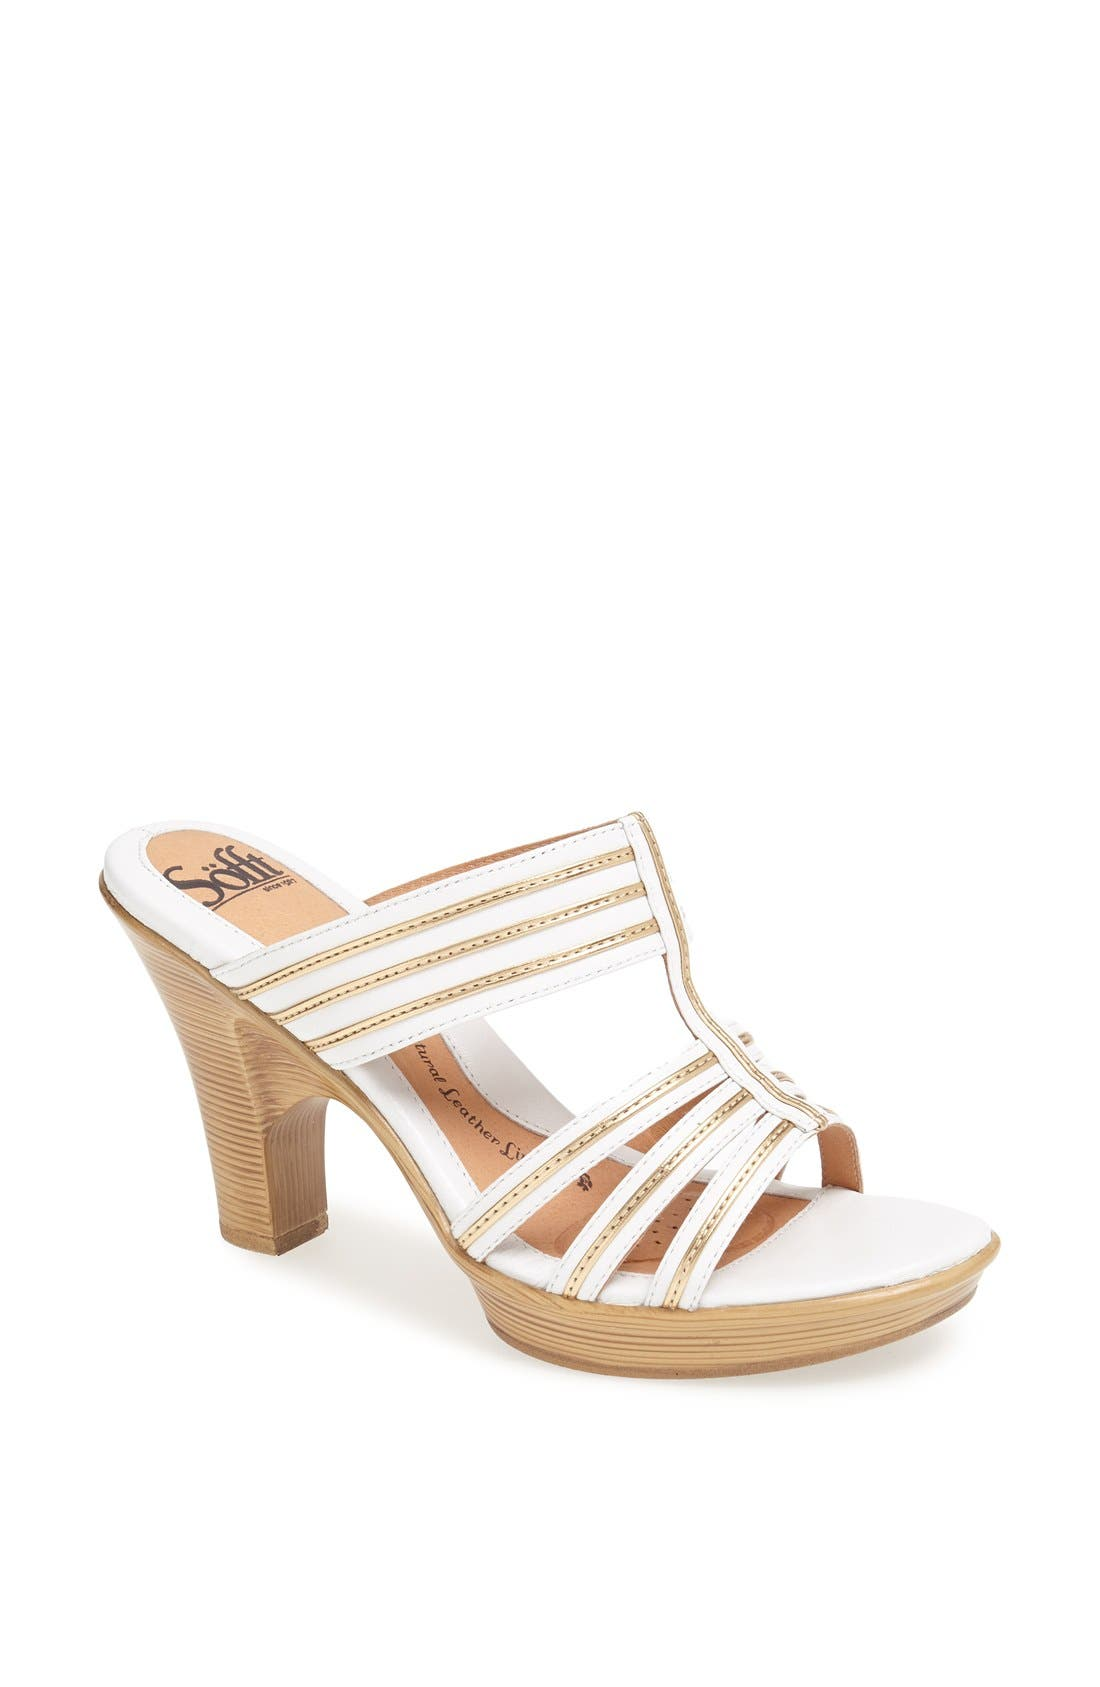 Alternate Image 1 Selected - Söfft 'Perla' Sandal